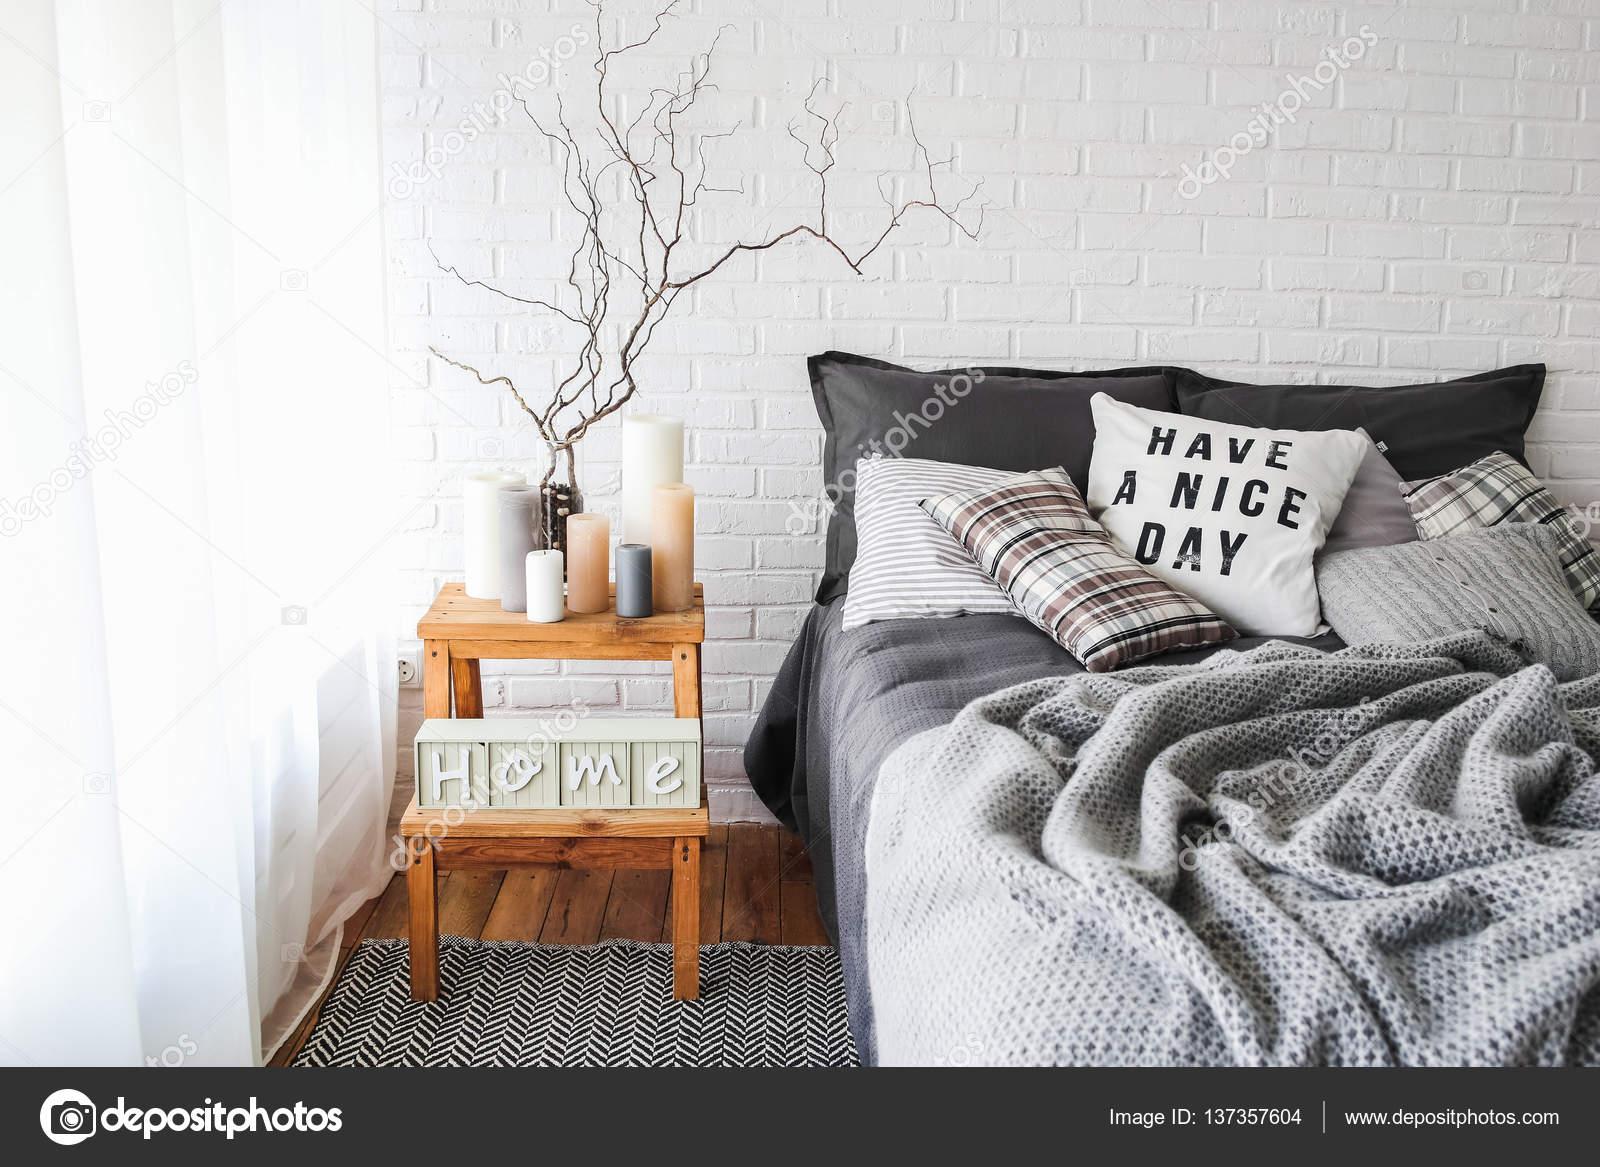 Slaapkamer Kleuren Grijs : Slaapkamer interieur in grijze kleuren u2014 stockfoto © akovtun #137357604